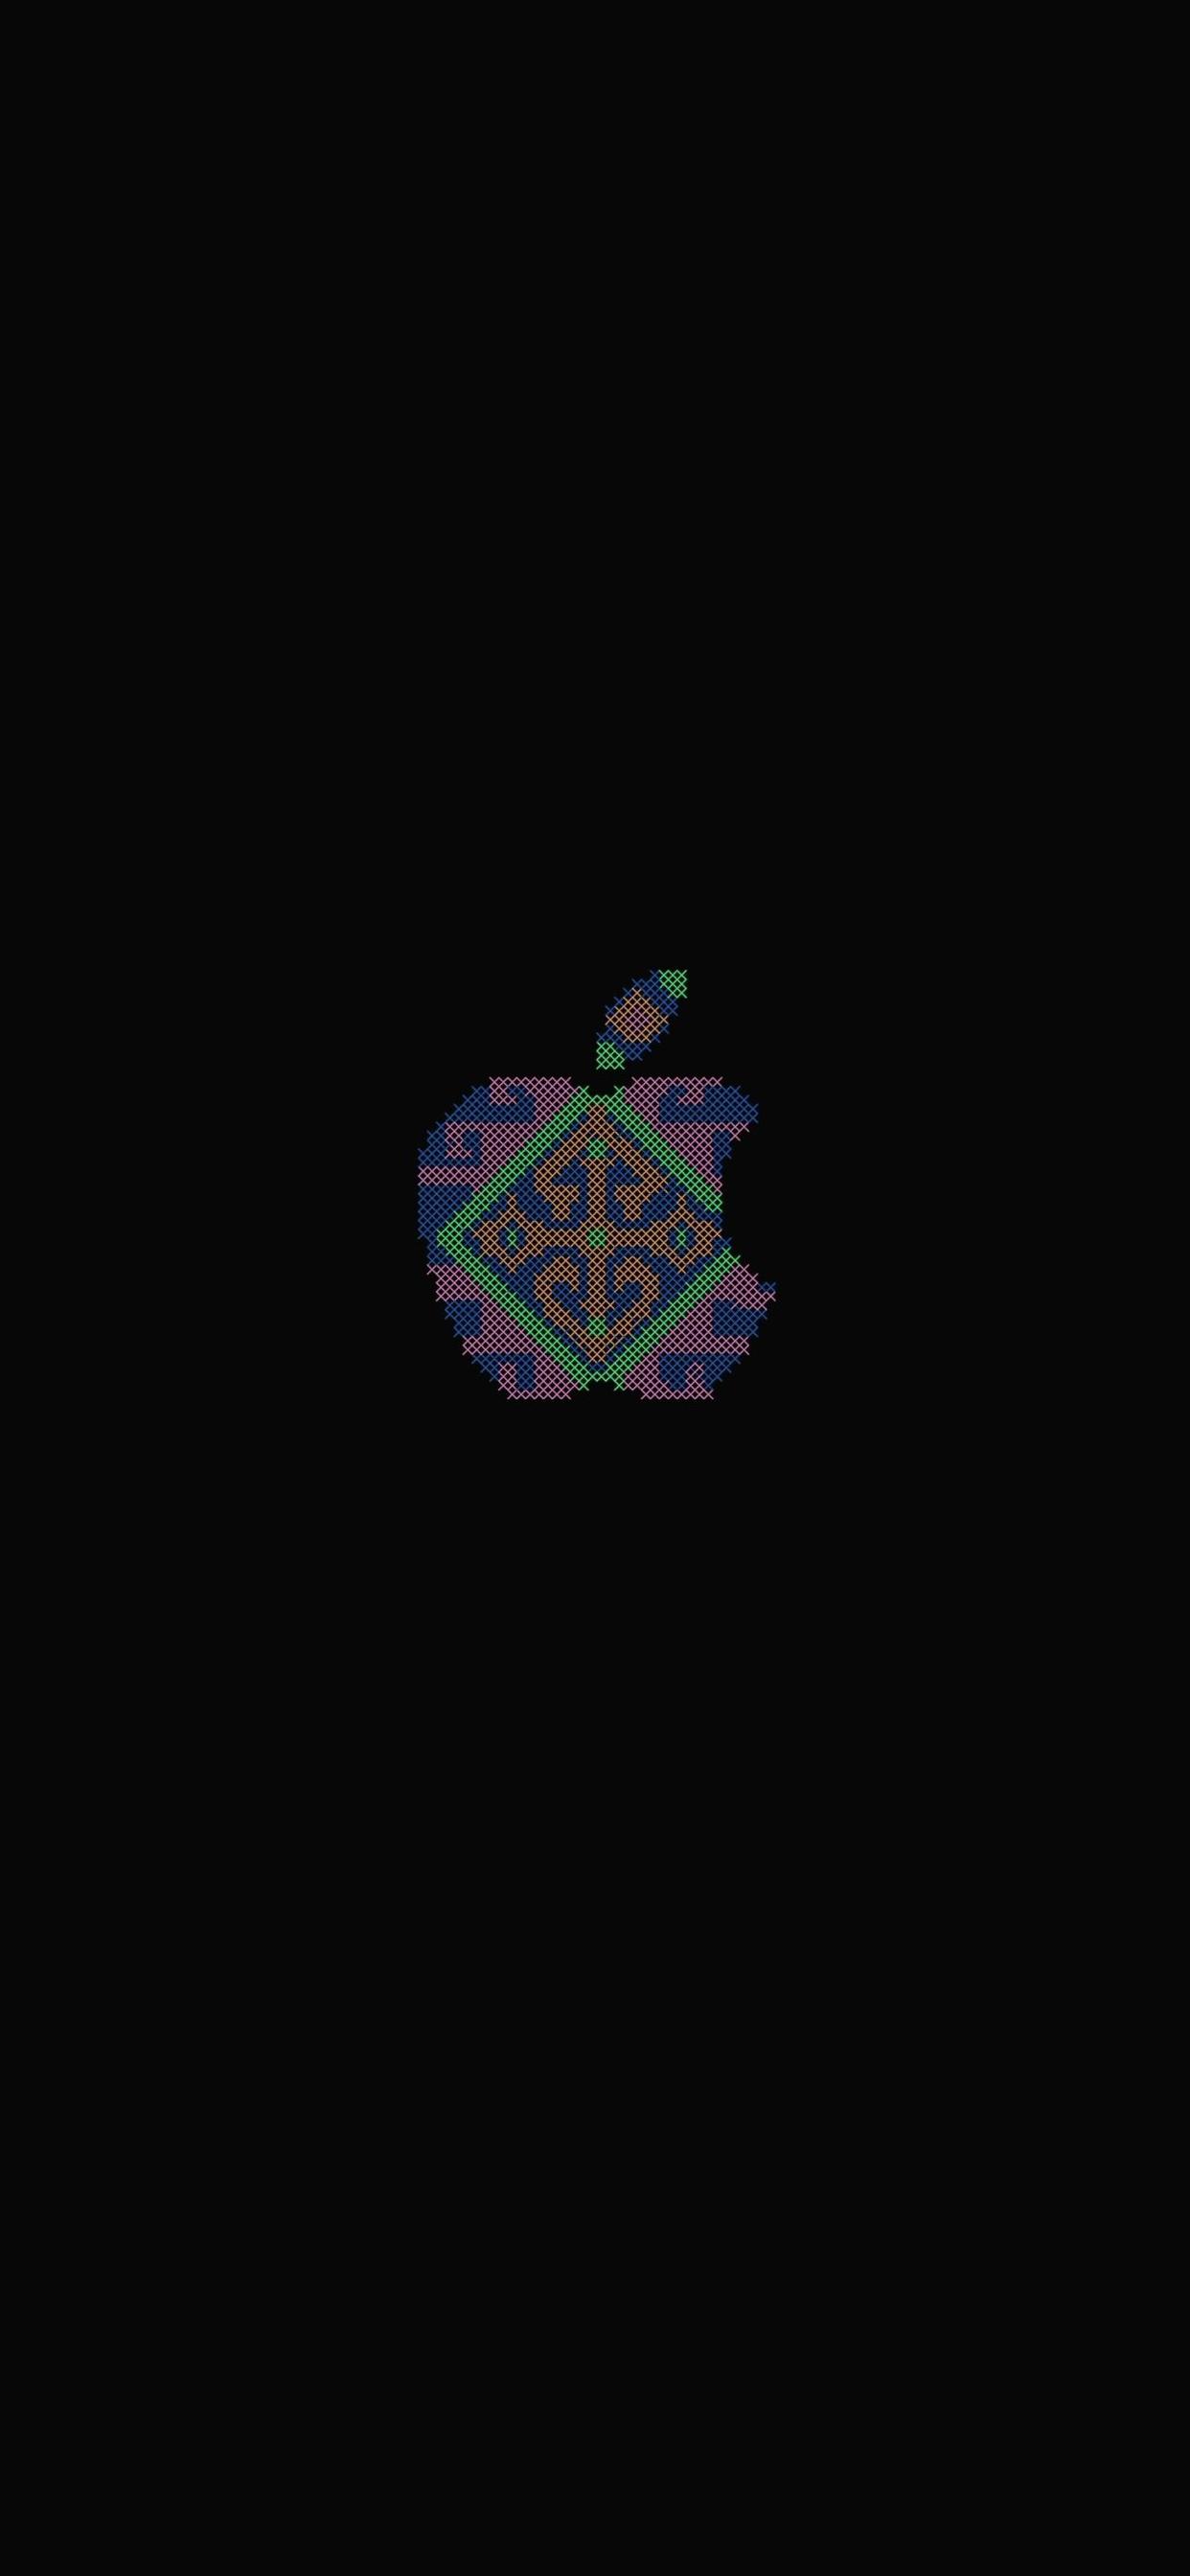 iPhone wallpaper apple logo 33 Fonds décran noirs avec le logo Apple en très haute résolution